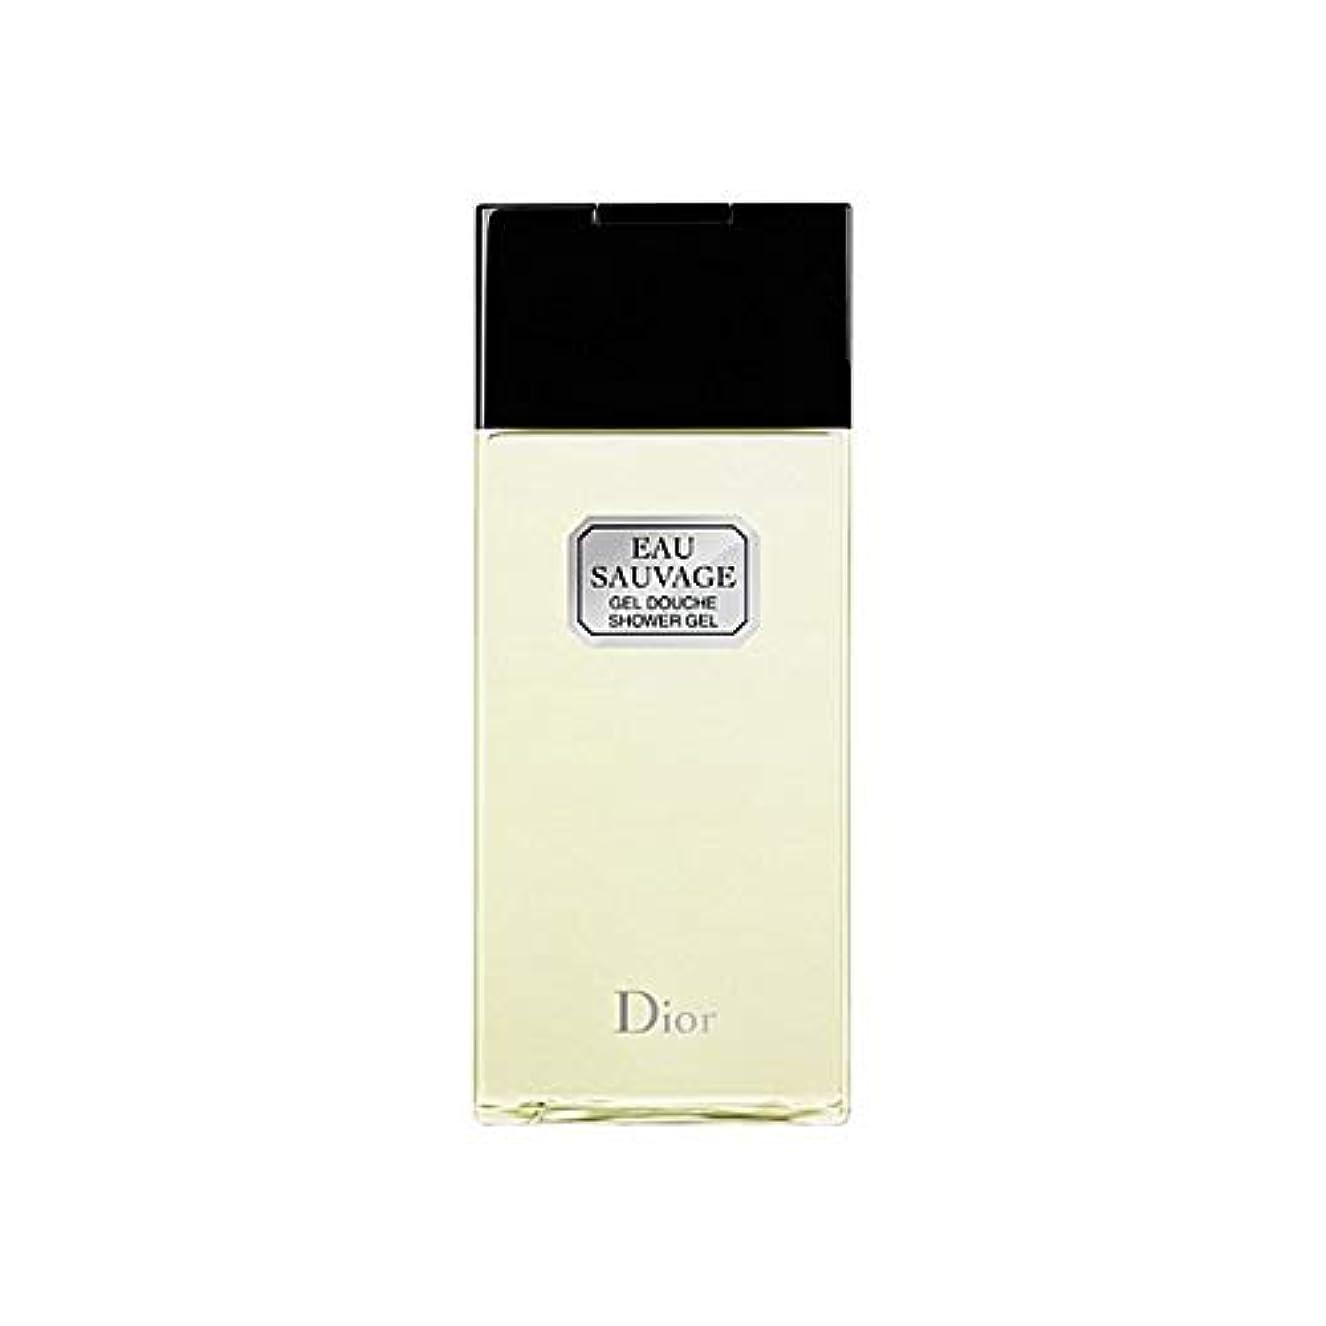 降ろす放映マガジン[Dior ] ディオールオーソバージュシャワージェル200Ml - Dior Eau Sauvage Shower Gel 200ml [並行輸入品]